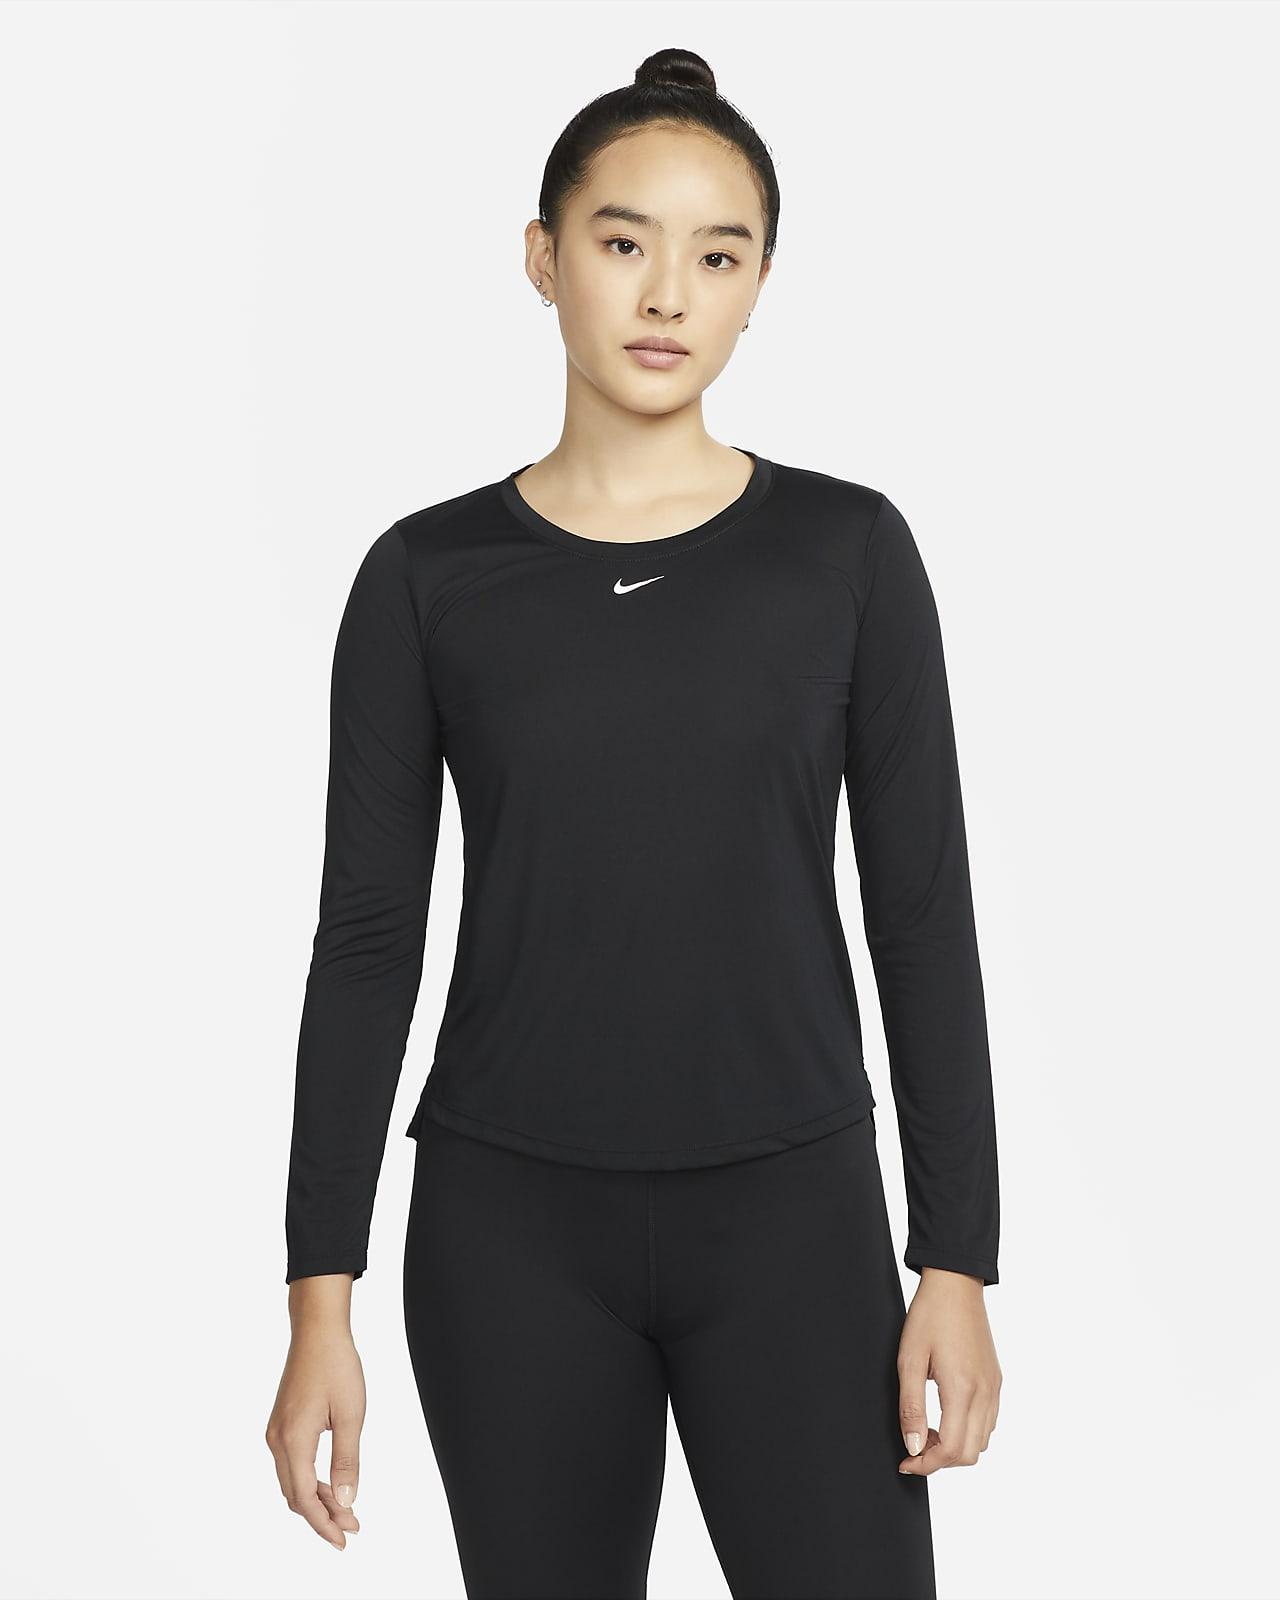 เสื้อผู้หญิงแขนยาวทรงมาตรฐาน Nike Dri-FIT One